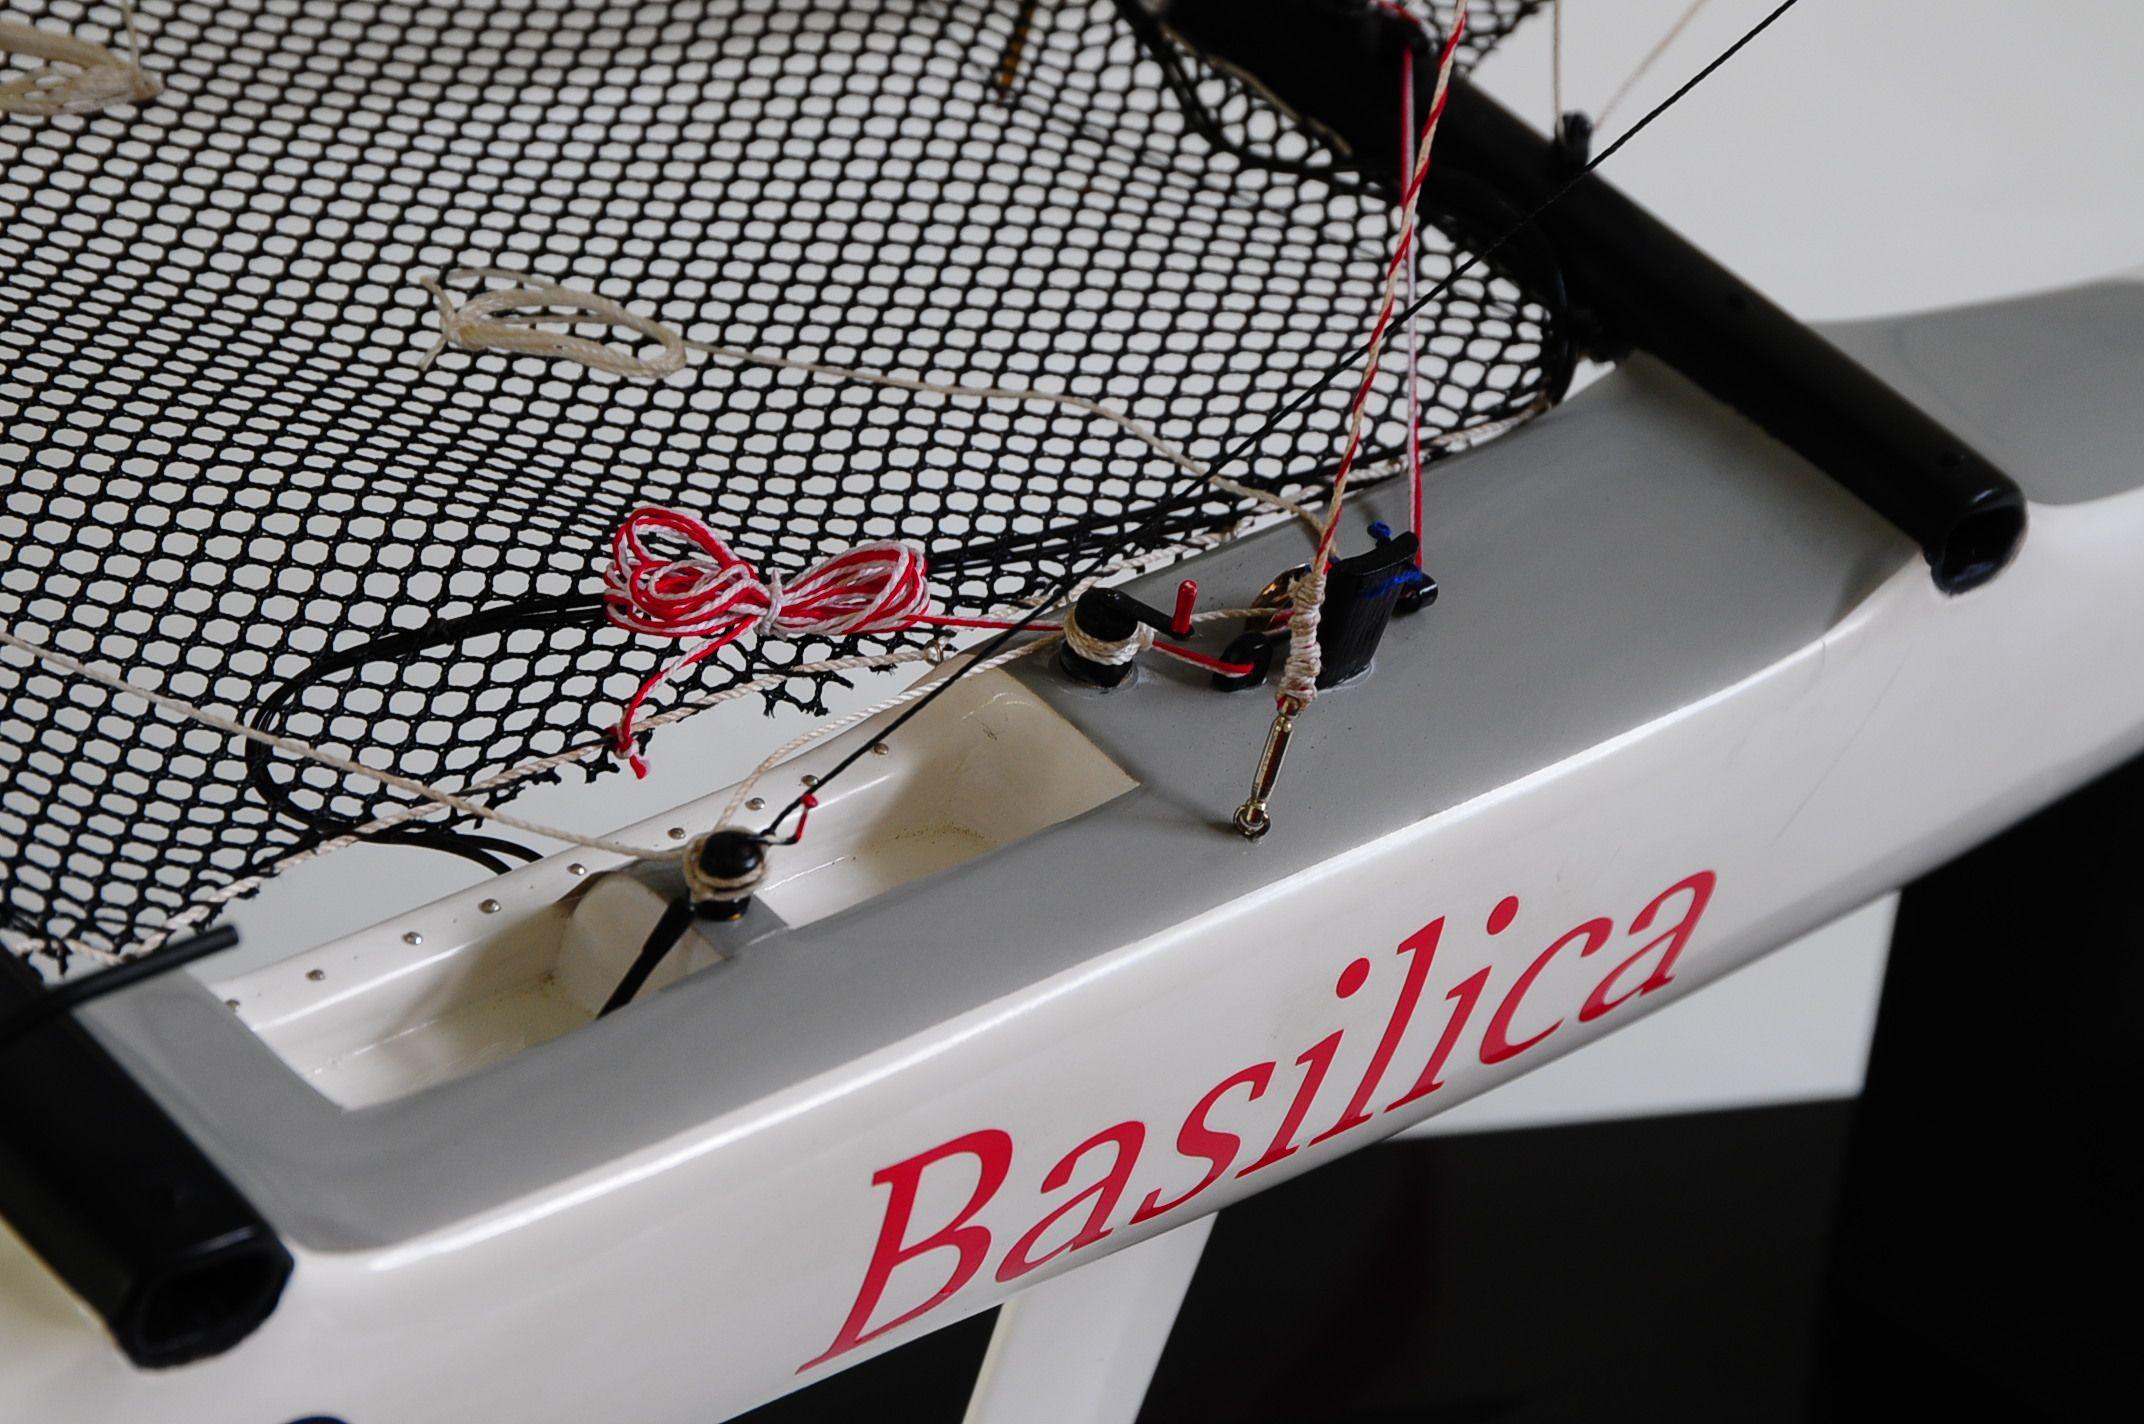 Basilica Catamaran Model (Premier Range) - PSM